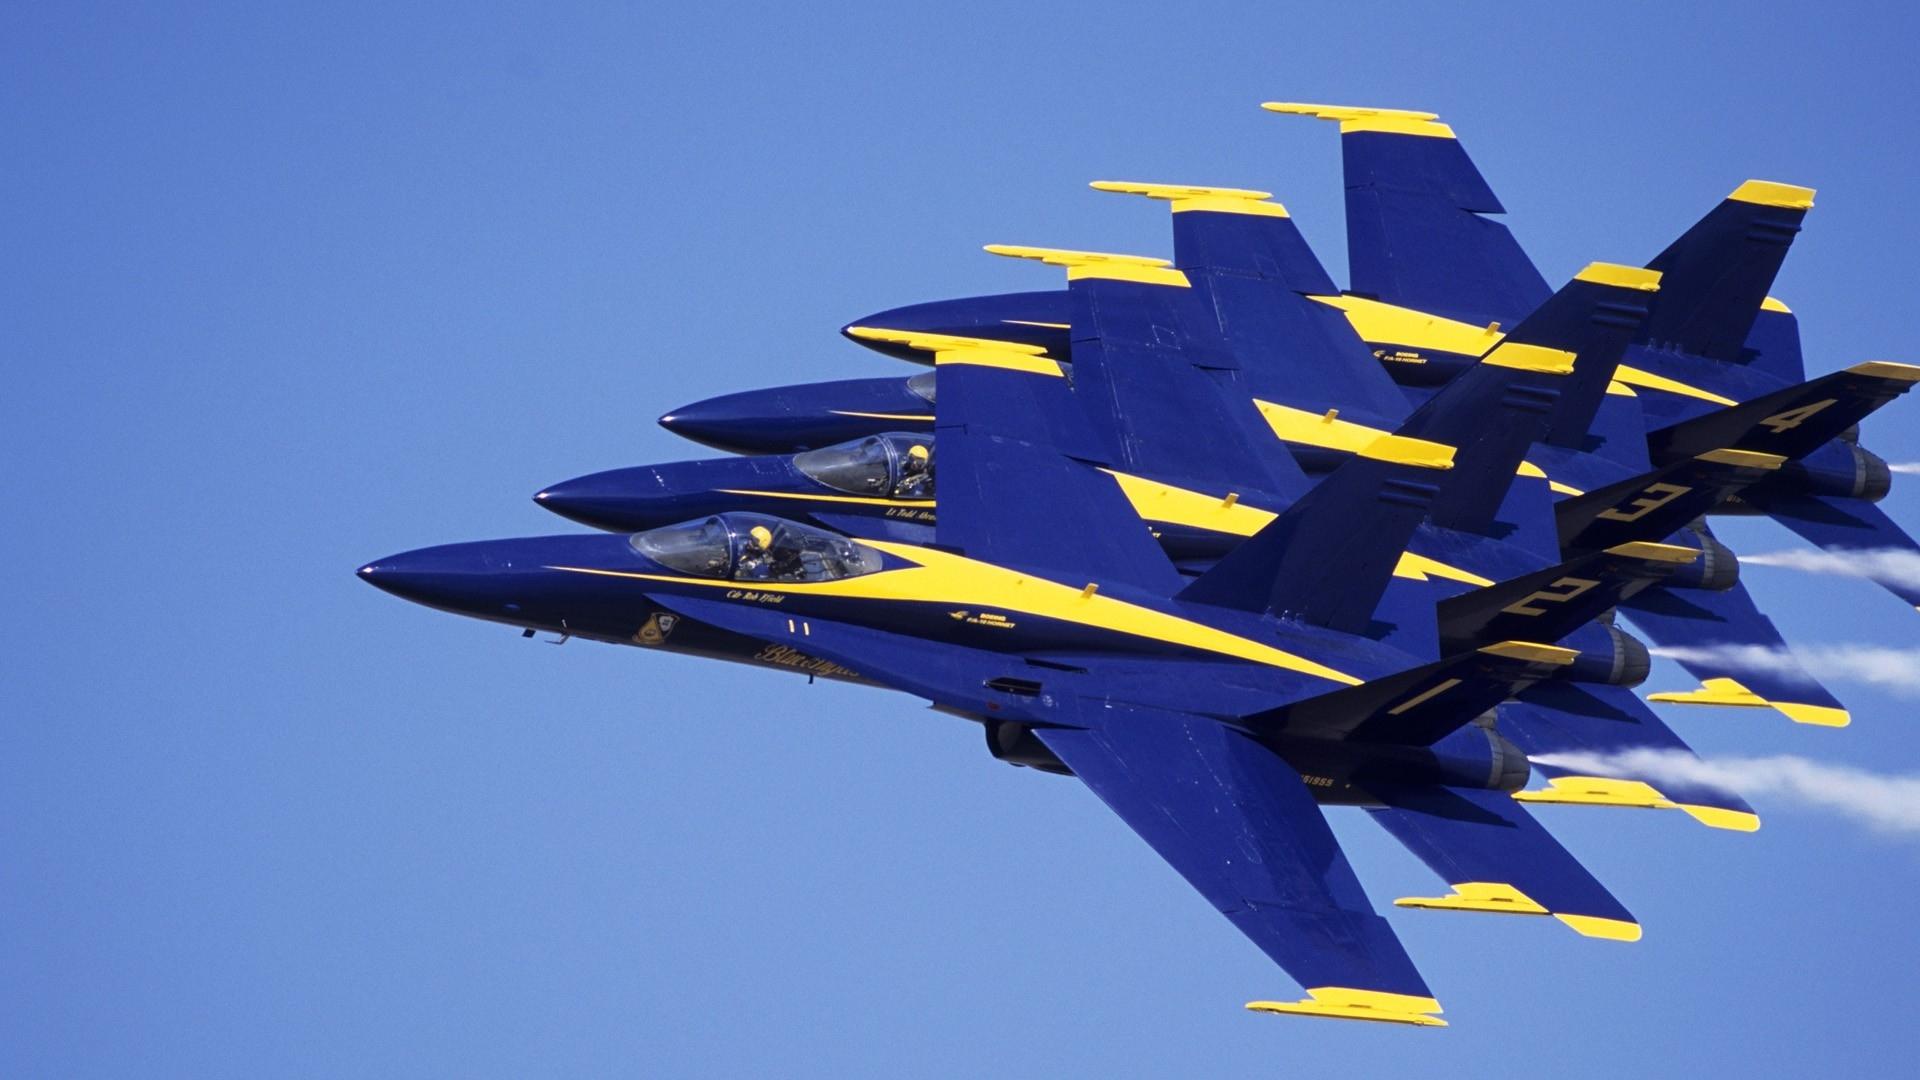 blue angels jet aircraft navy blue 1920x1080 wallpaper Vehiclehi HD 1920x1080